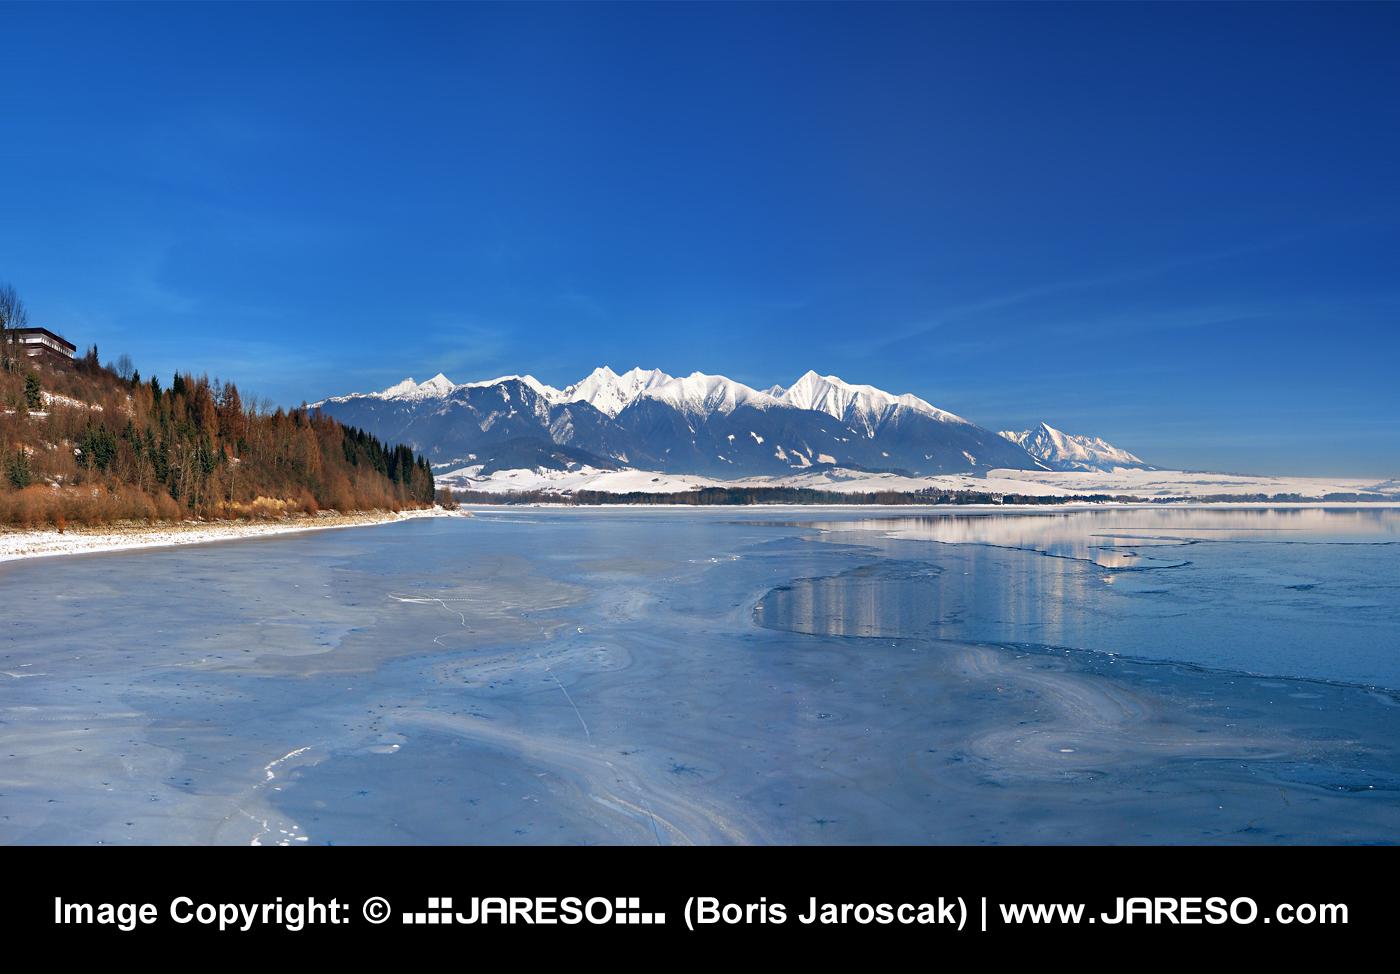 web_gplus_fb_panorama_liptovska_mara_mountains_winter_p2140169x_p2140173x.jpg